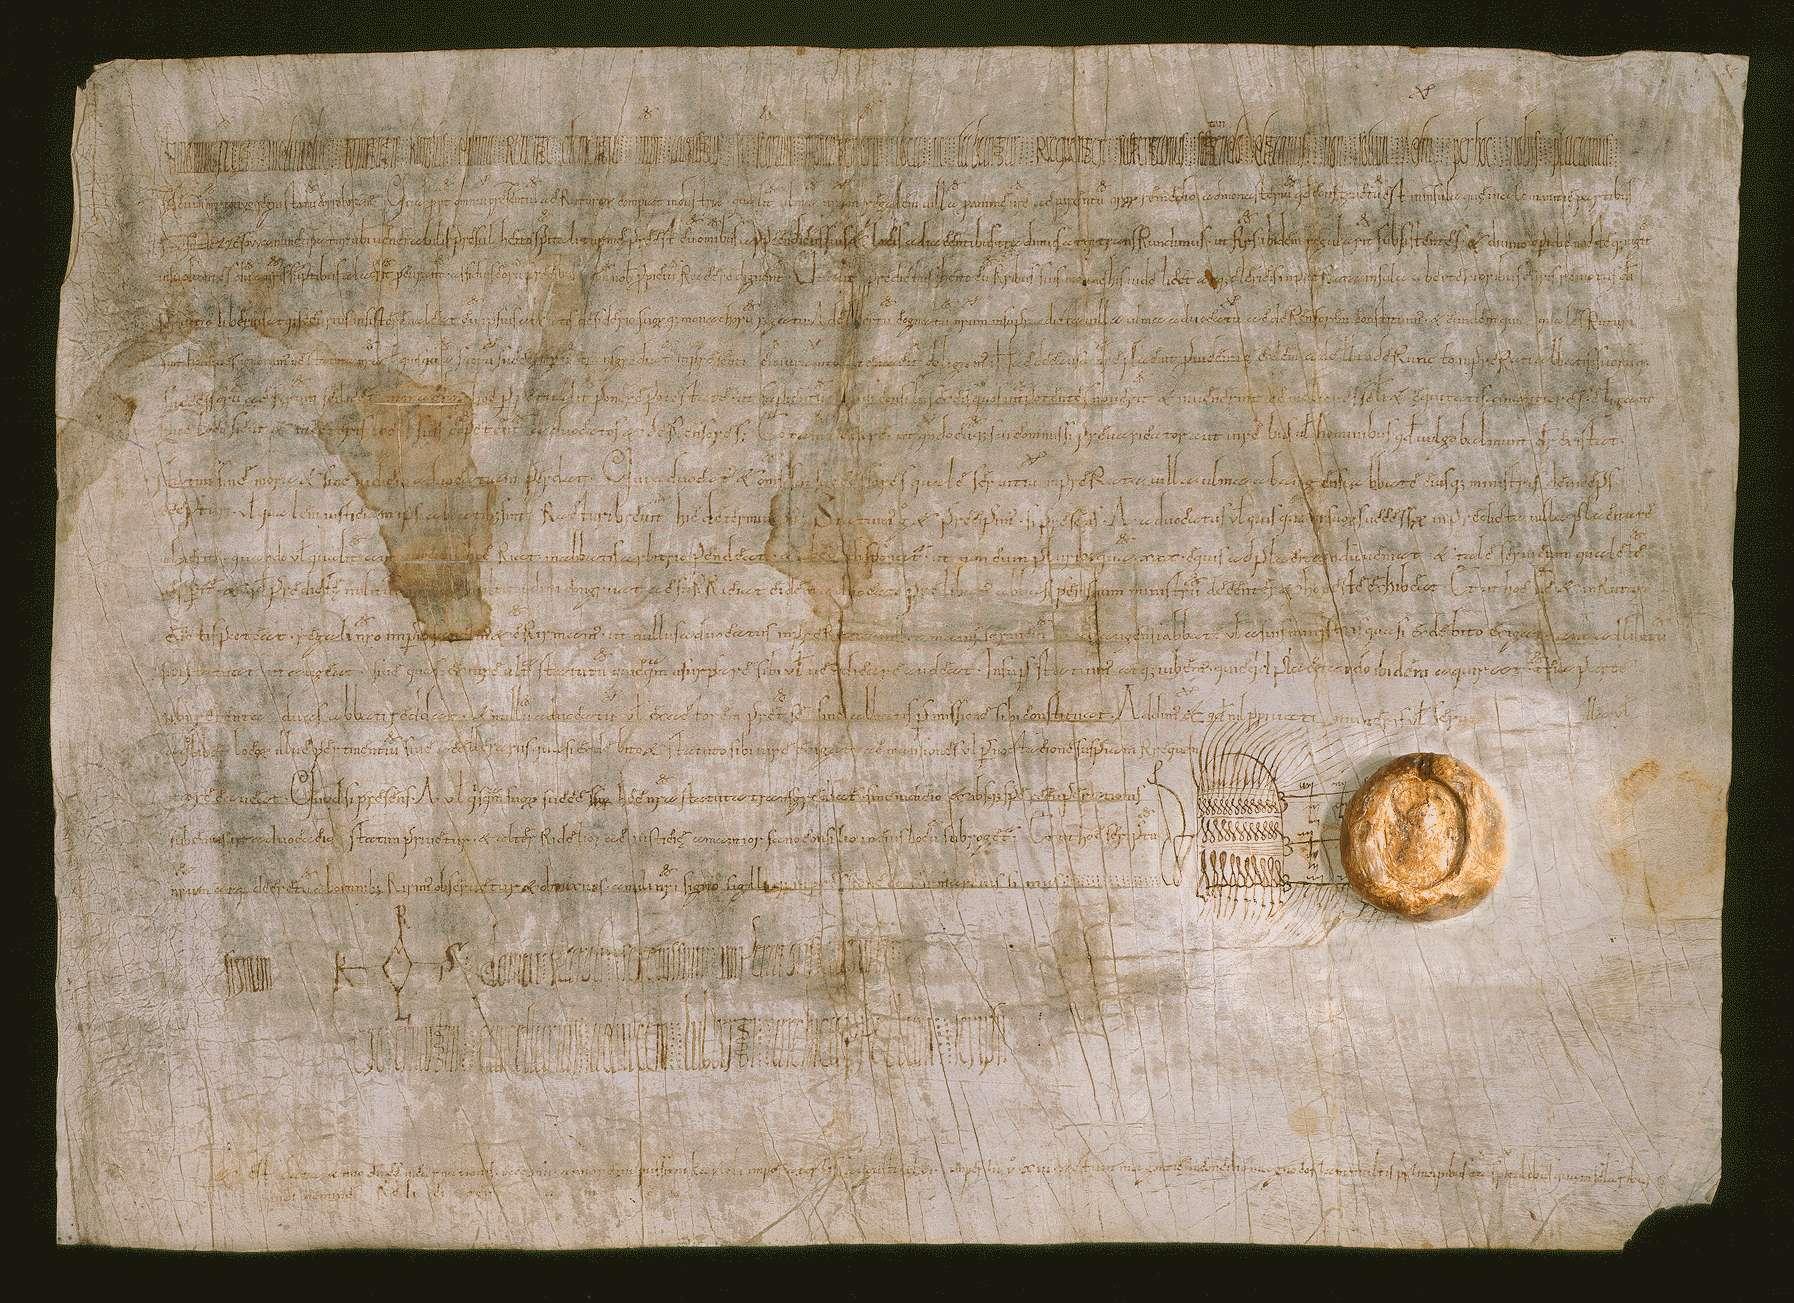 Kaiser Karl (der Große) schenkt seine regalis villa Ulm an das Kloster Reichenau, bestellt mit Bewilligung des Abts und der Mönche daselbst seinen Verwandten Adalbert zum Schutzvogt in Ulm und bestimmt zugleich das Rechtsverhältnis, in welchem künftig diese Schutzvögte zum Kloster stehen sollen., Bild 1